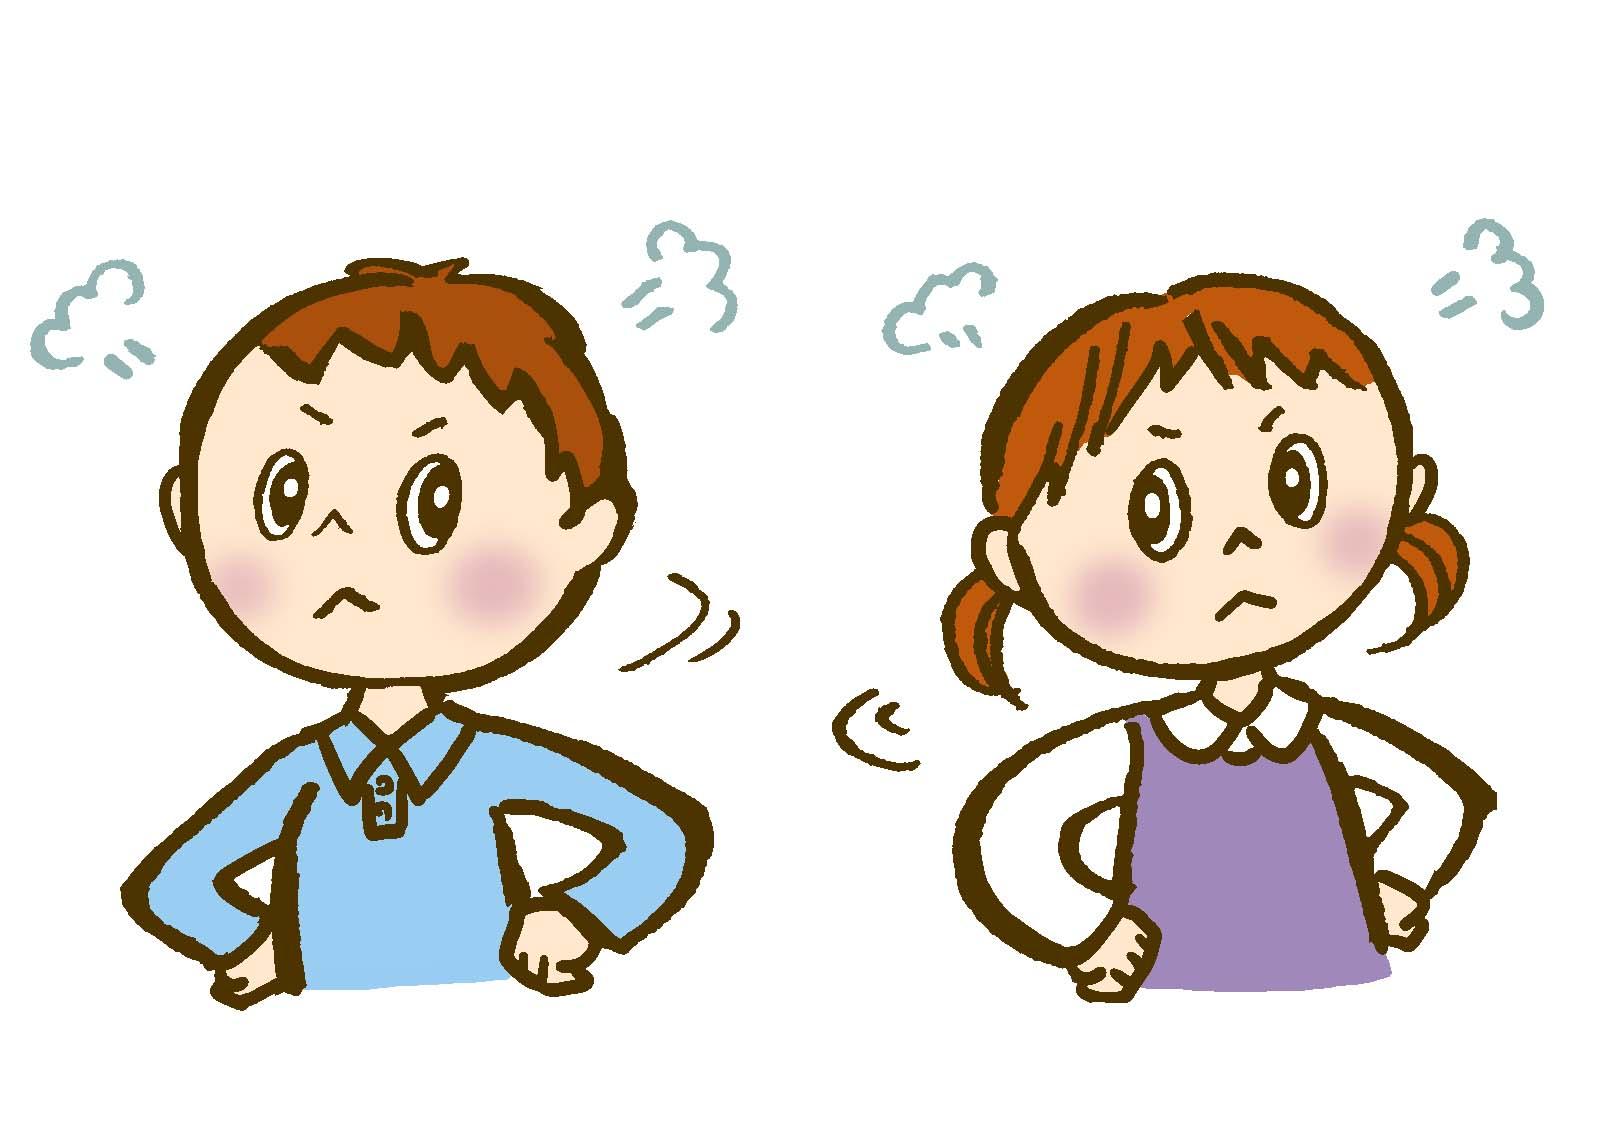 不注意優勢型ADHDの診断を受けている私の人間関係